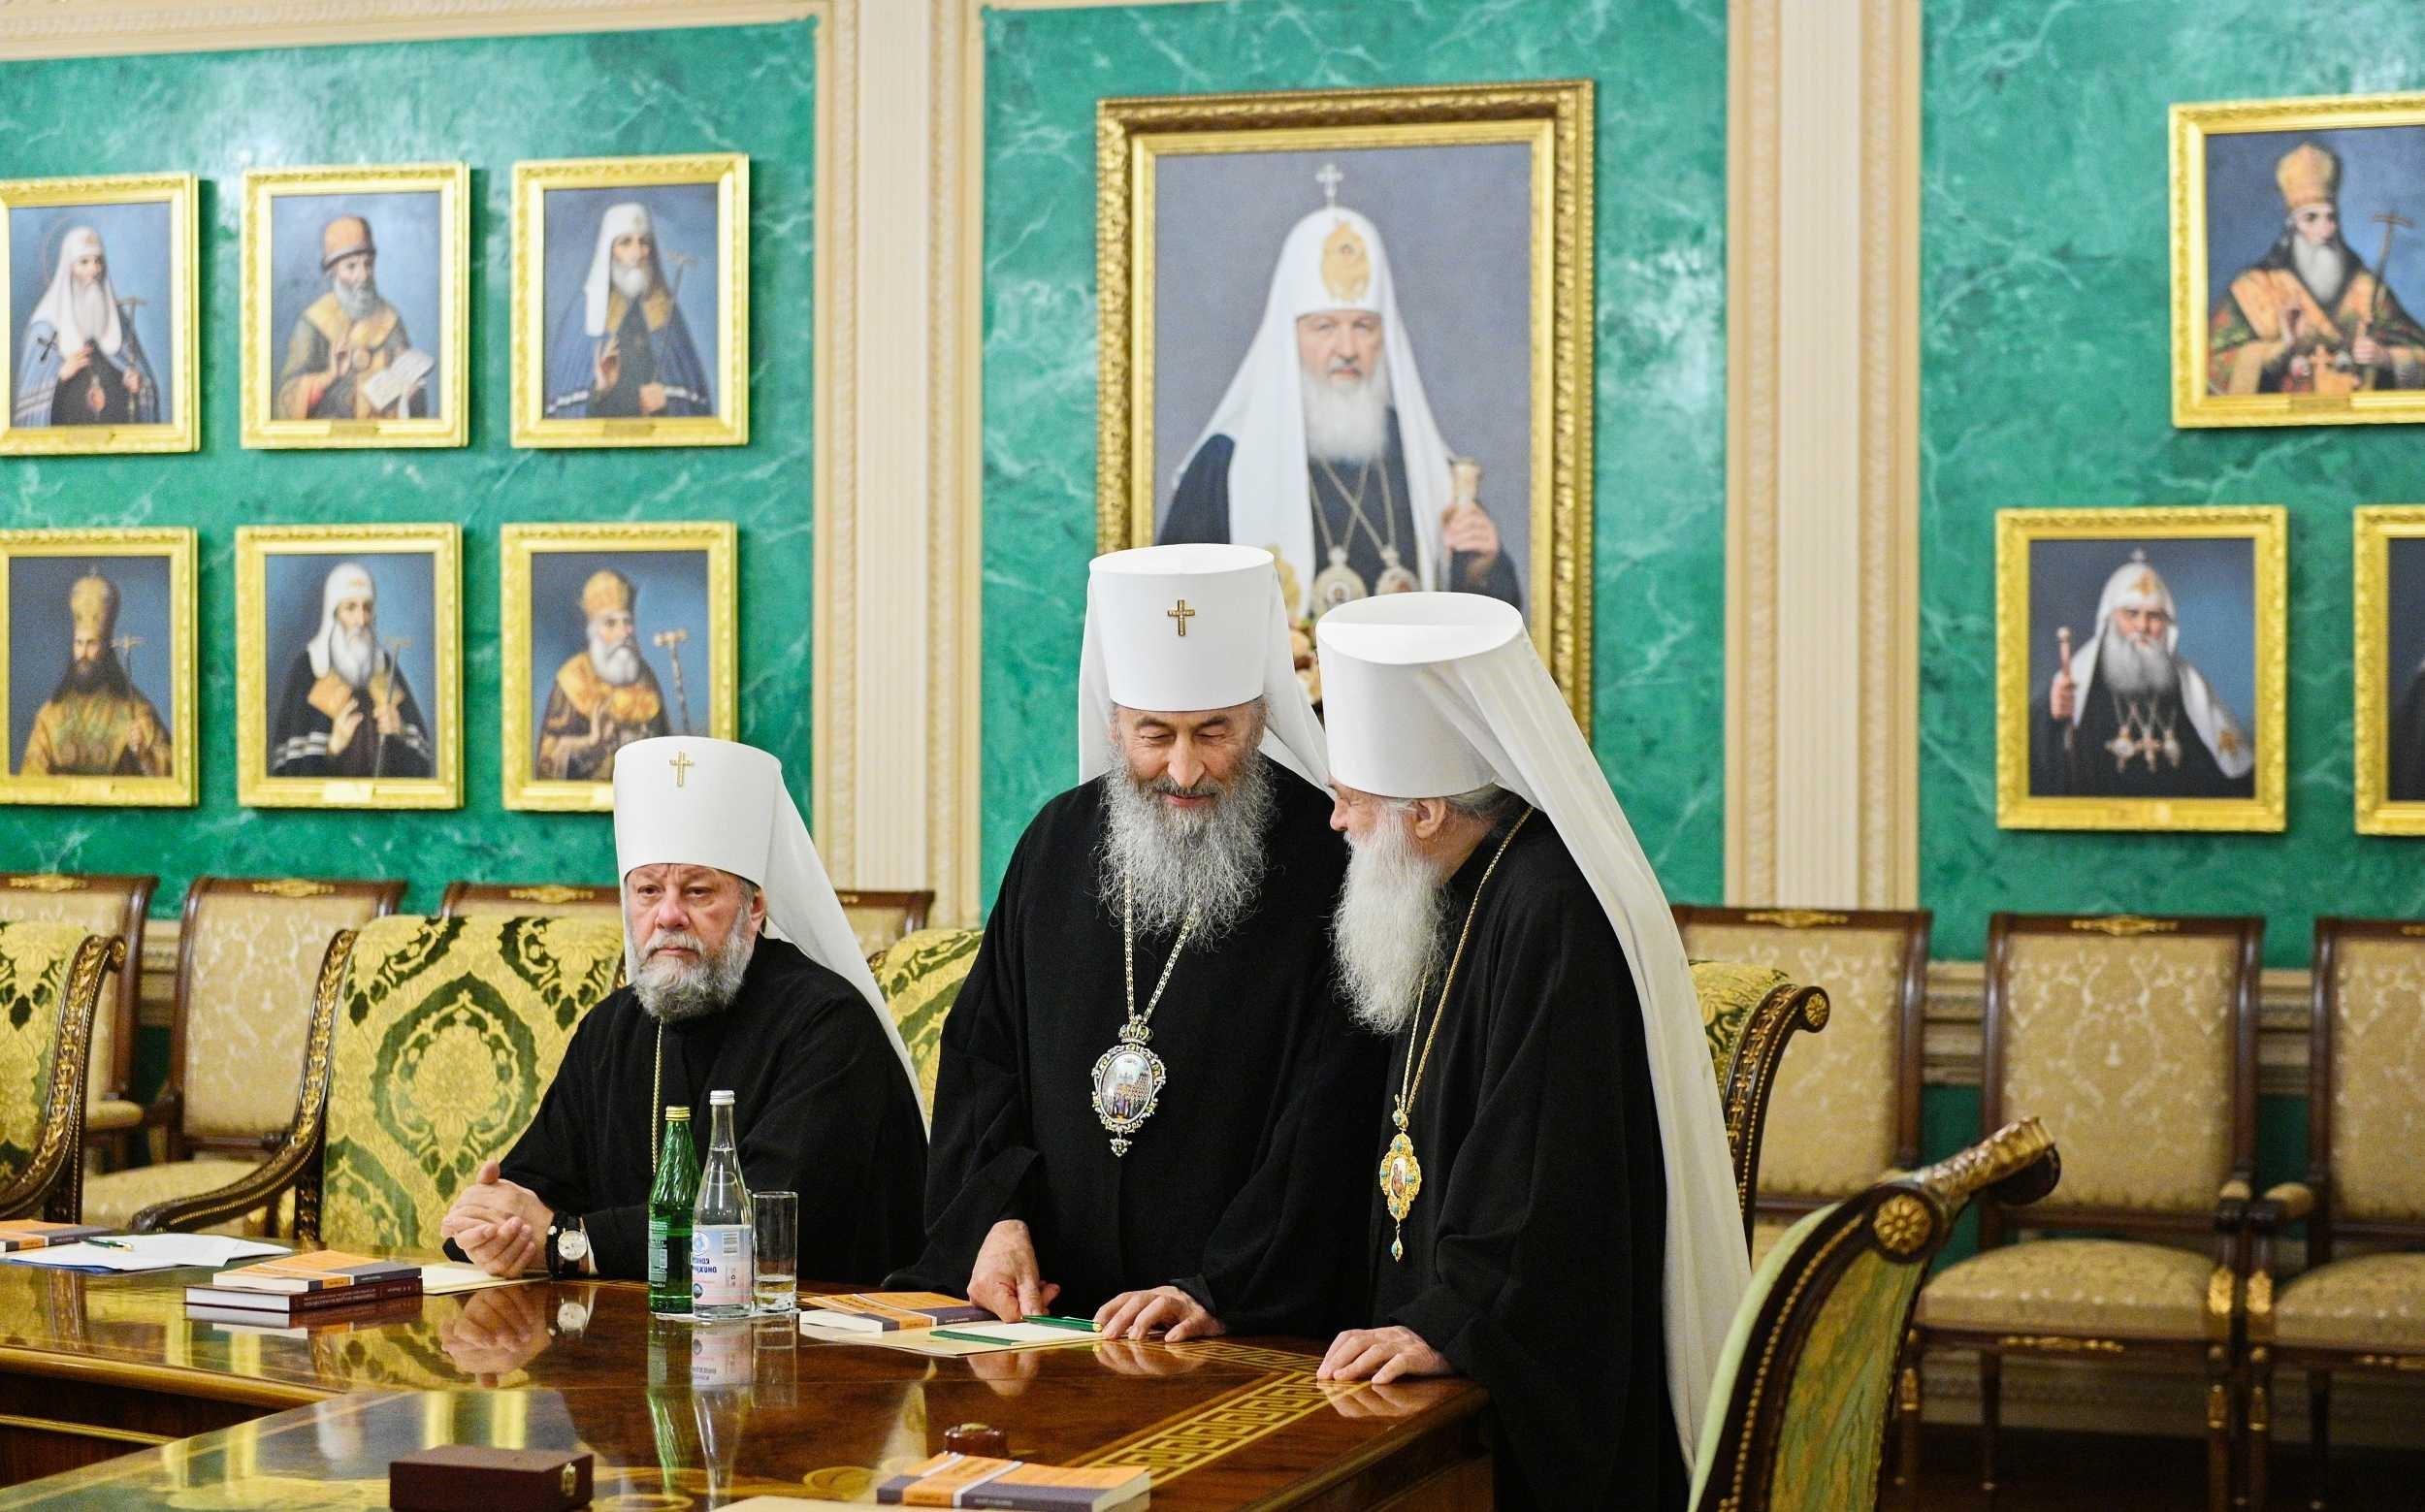 Серед постійних членів синоду РПЦ – очільник так званої Української православної церкви Московського патріархату Онуфрій